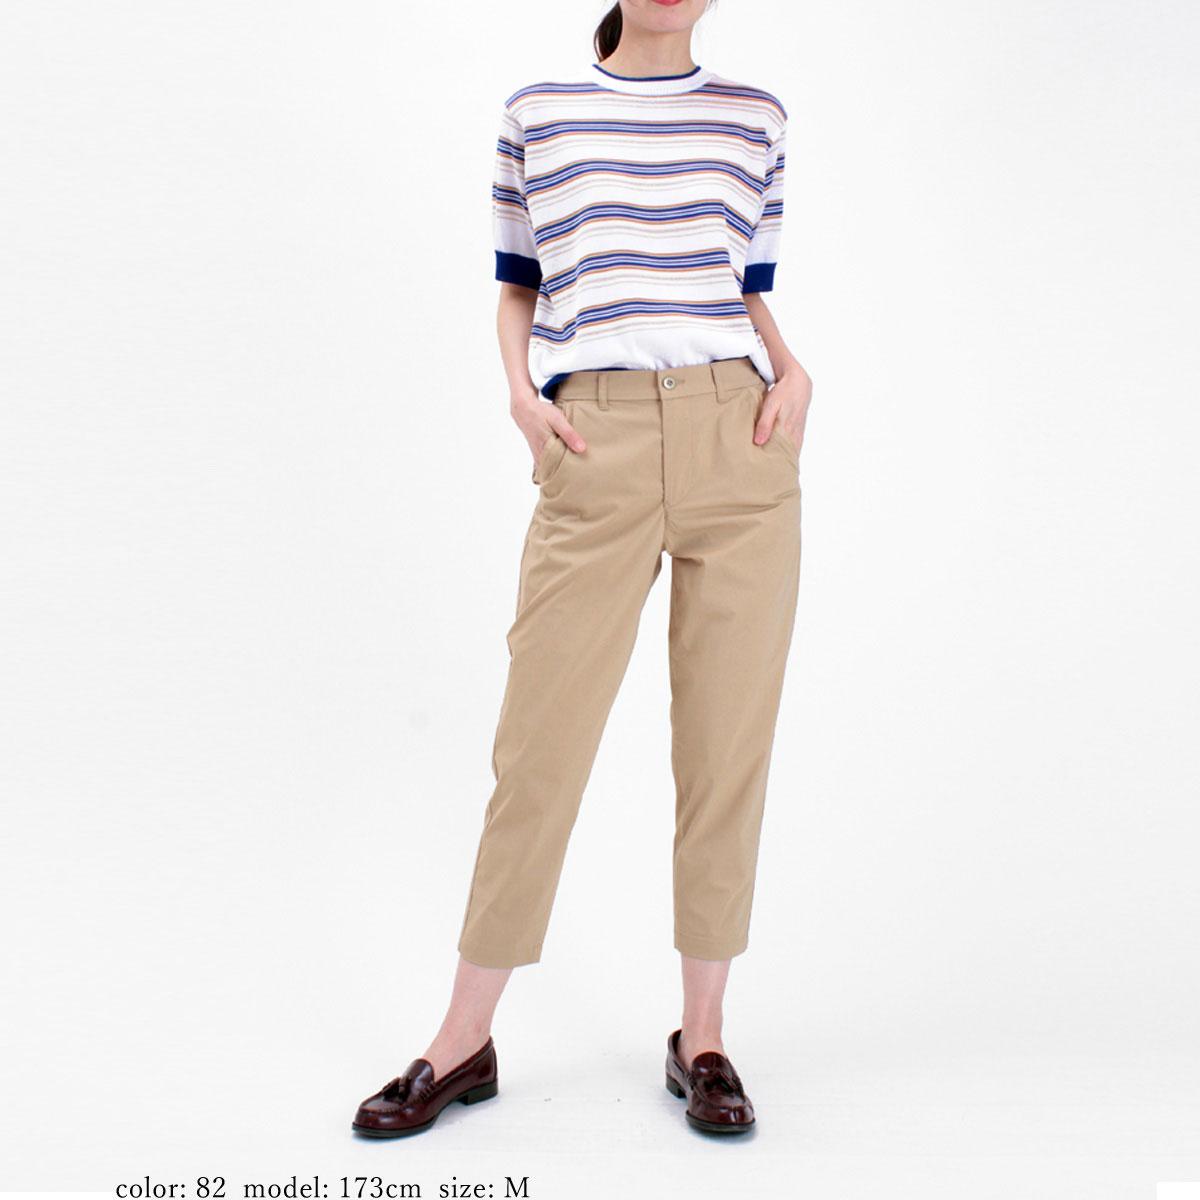 【SALE】Mrs.Jeana GOLD ■涼■ ハイパワーストレッチ リラックステーパード GM3884